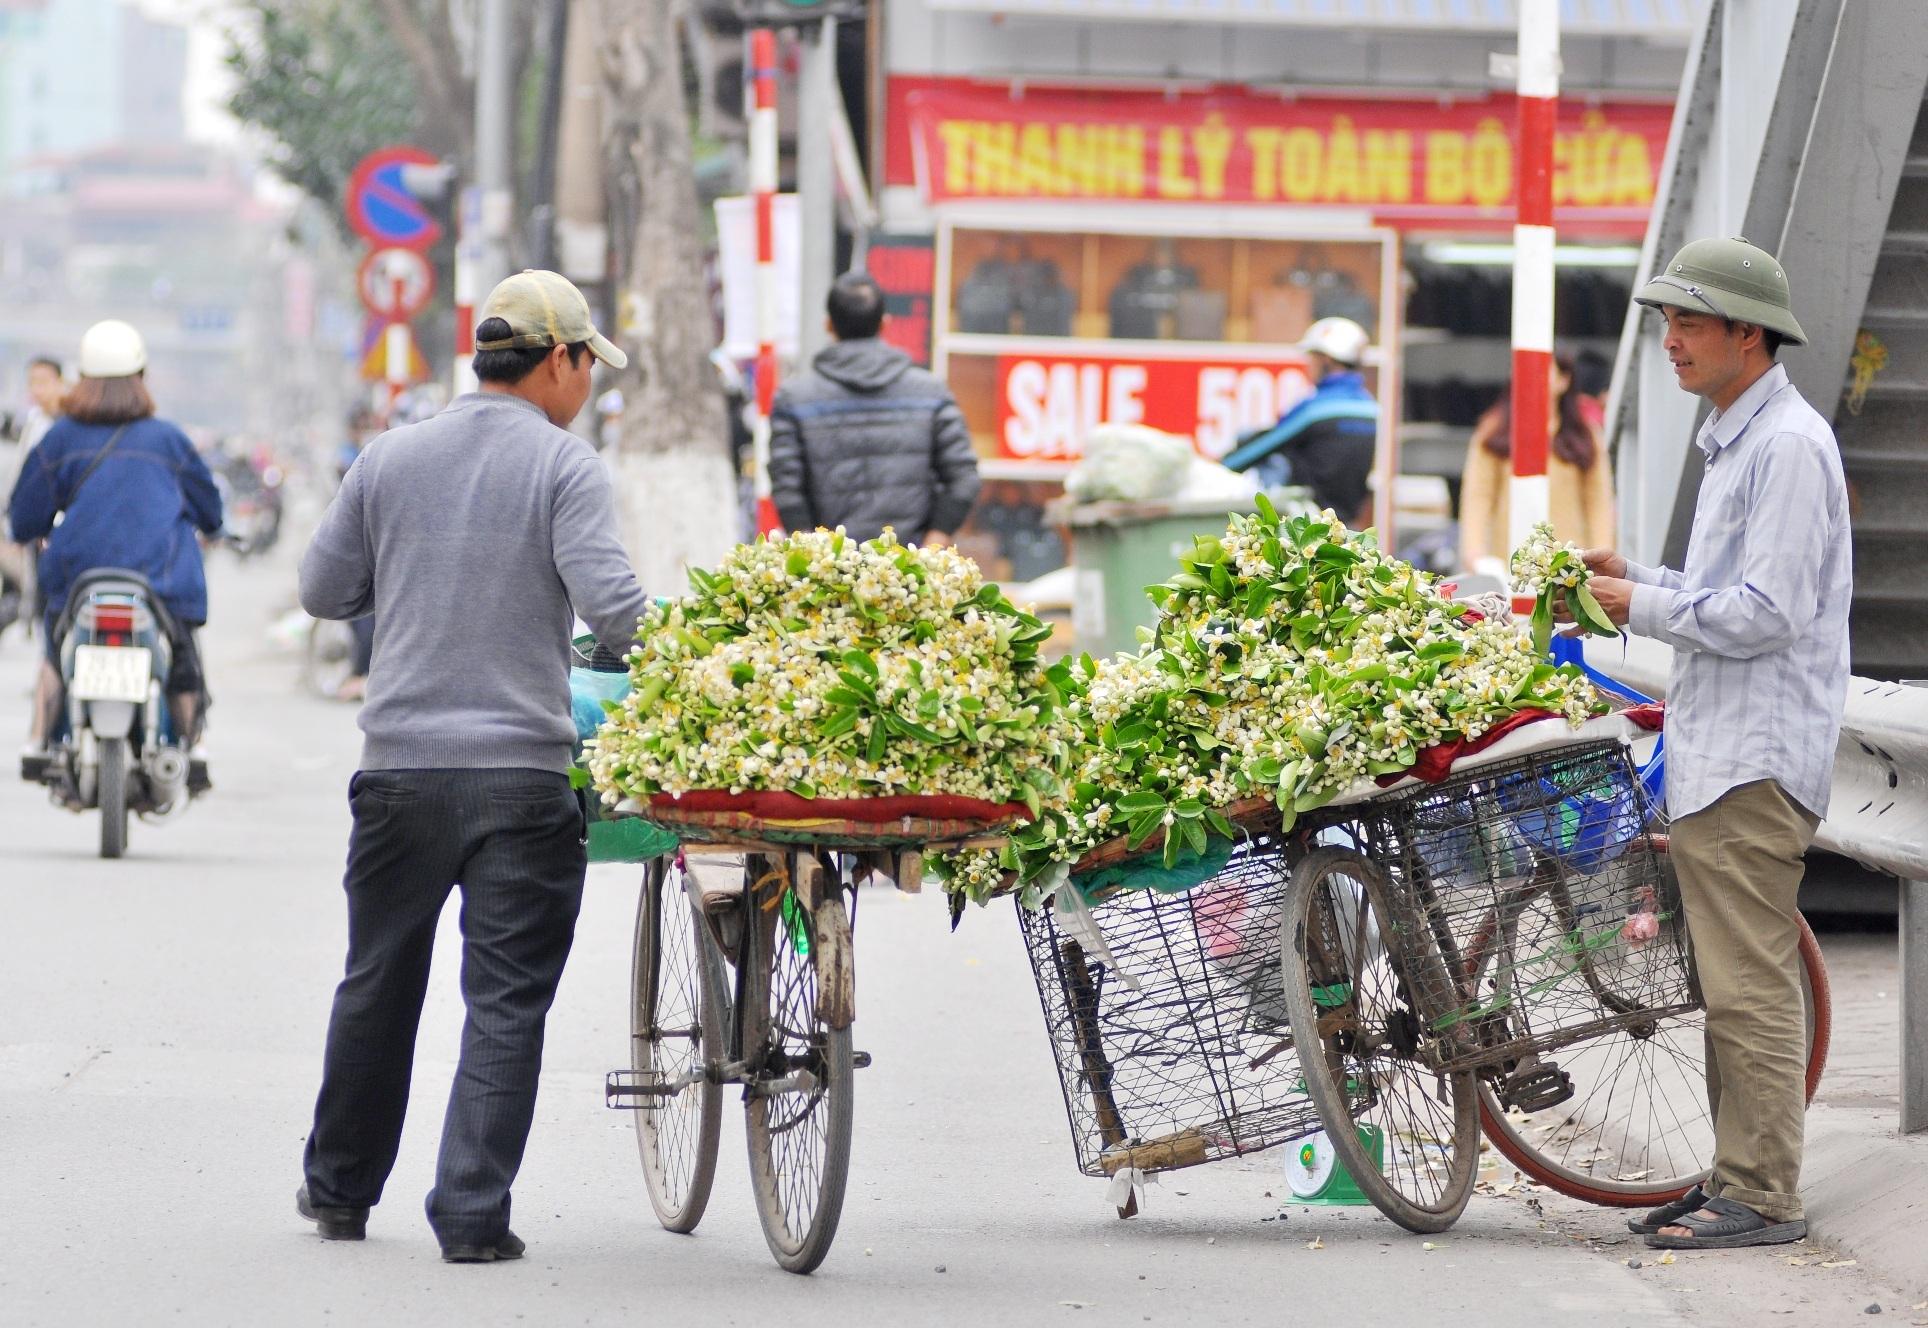 Hoa bưởi có hương thơm nồng nàn, vì thế với nhiều người, việc đi dạo trên những con phố bán hoa bưởi mùa này cũng đủ làm thỏa mãn thú thưởng hoa của họ